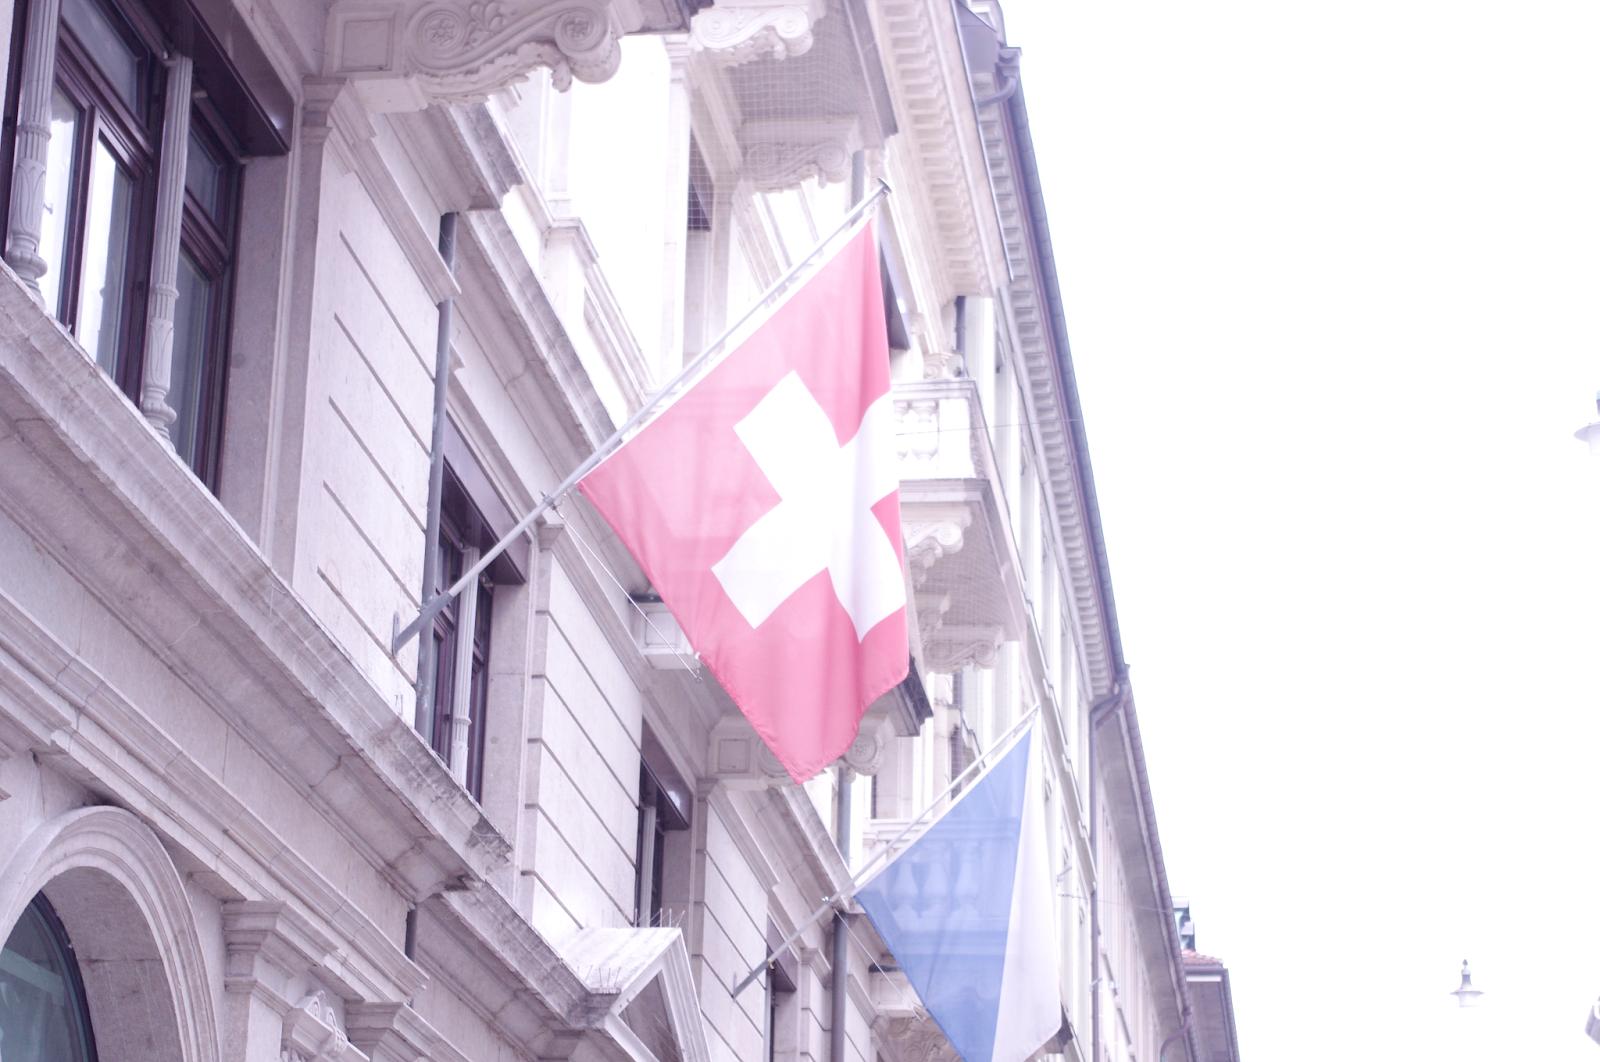 Cherche jeune fille au pair suisse allemande